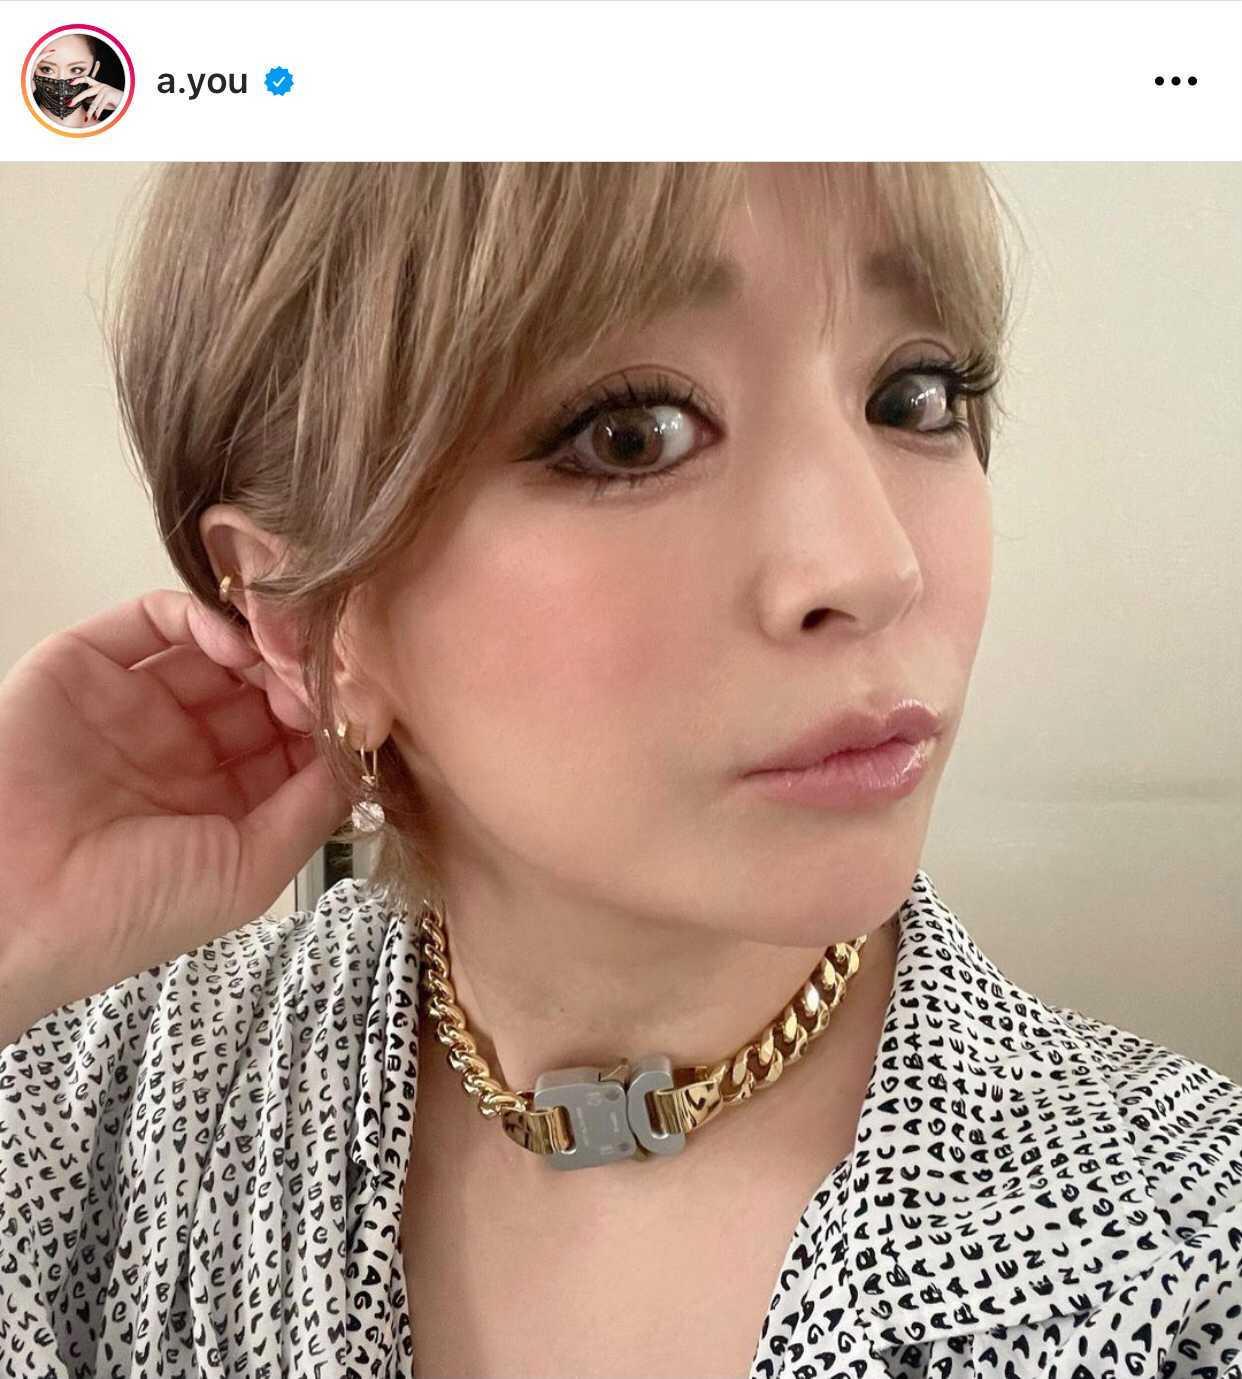 浜崎あゆみ、ピンクリップの顔アップSHOTを公開「幸せだぁーっっ」